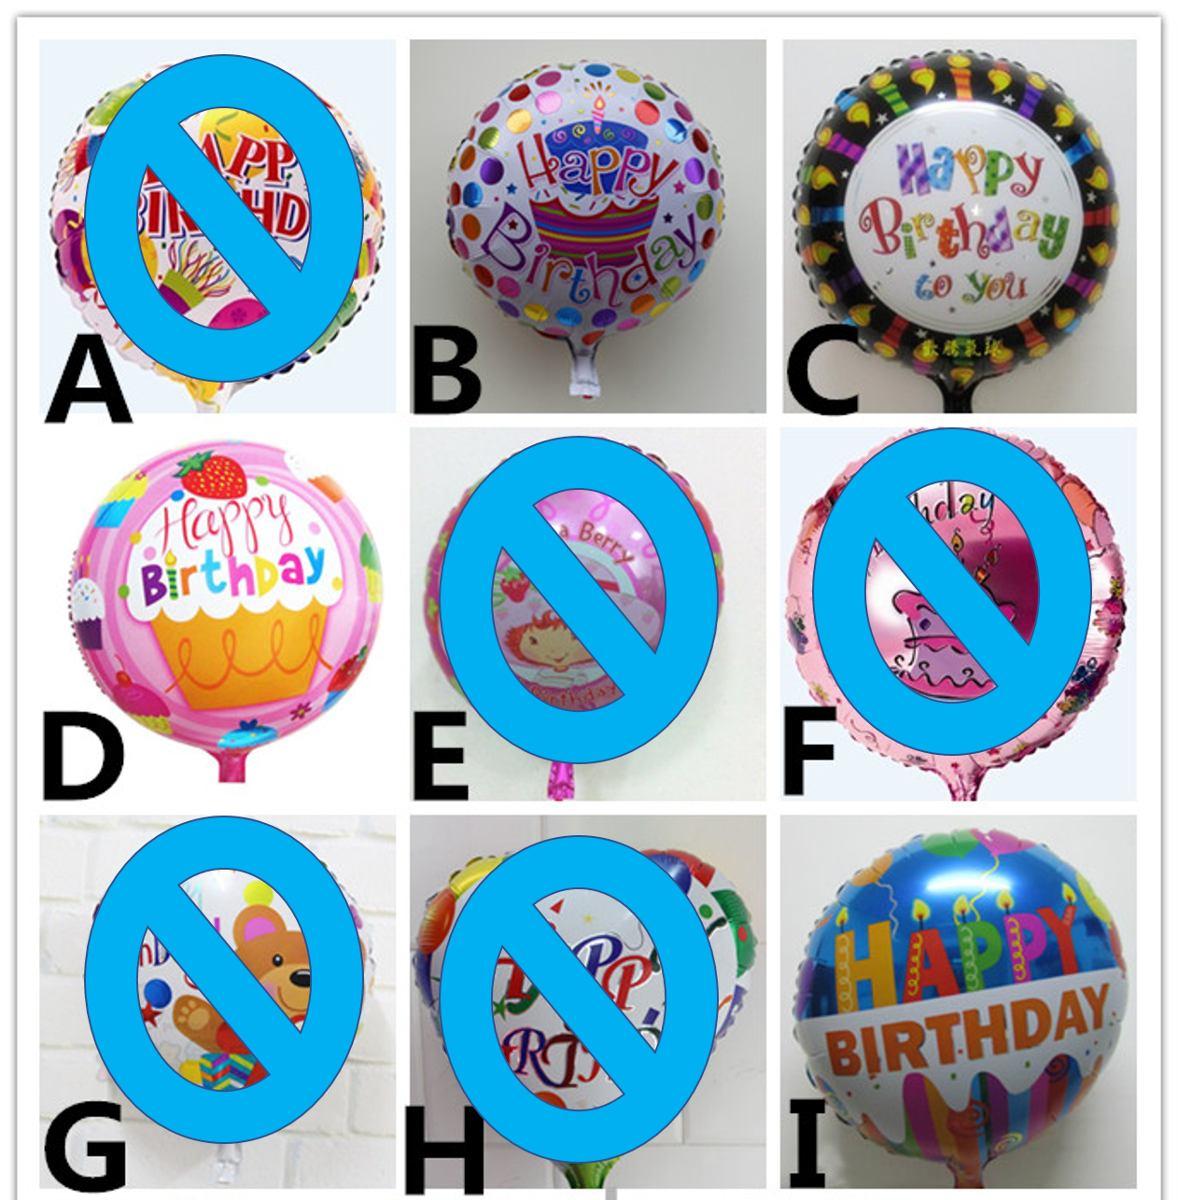 Globos Metalizados Happy Birthday Cupcakes Cumpleanos Zea Bs 1 40